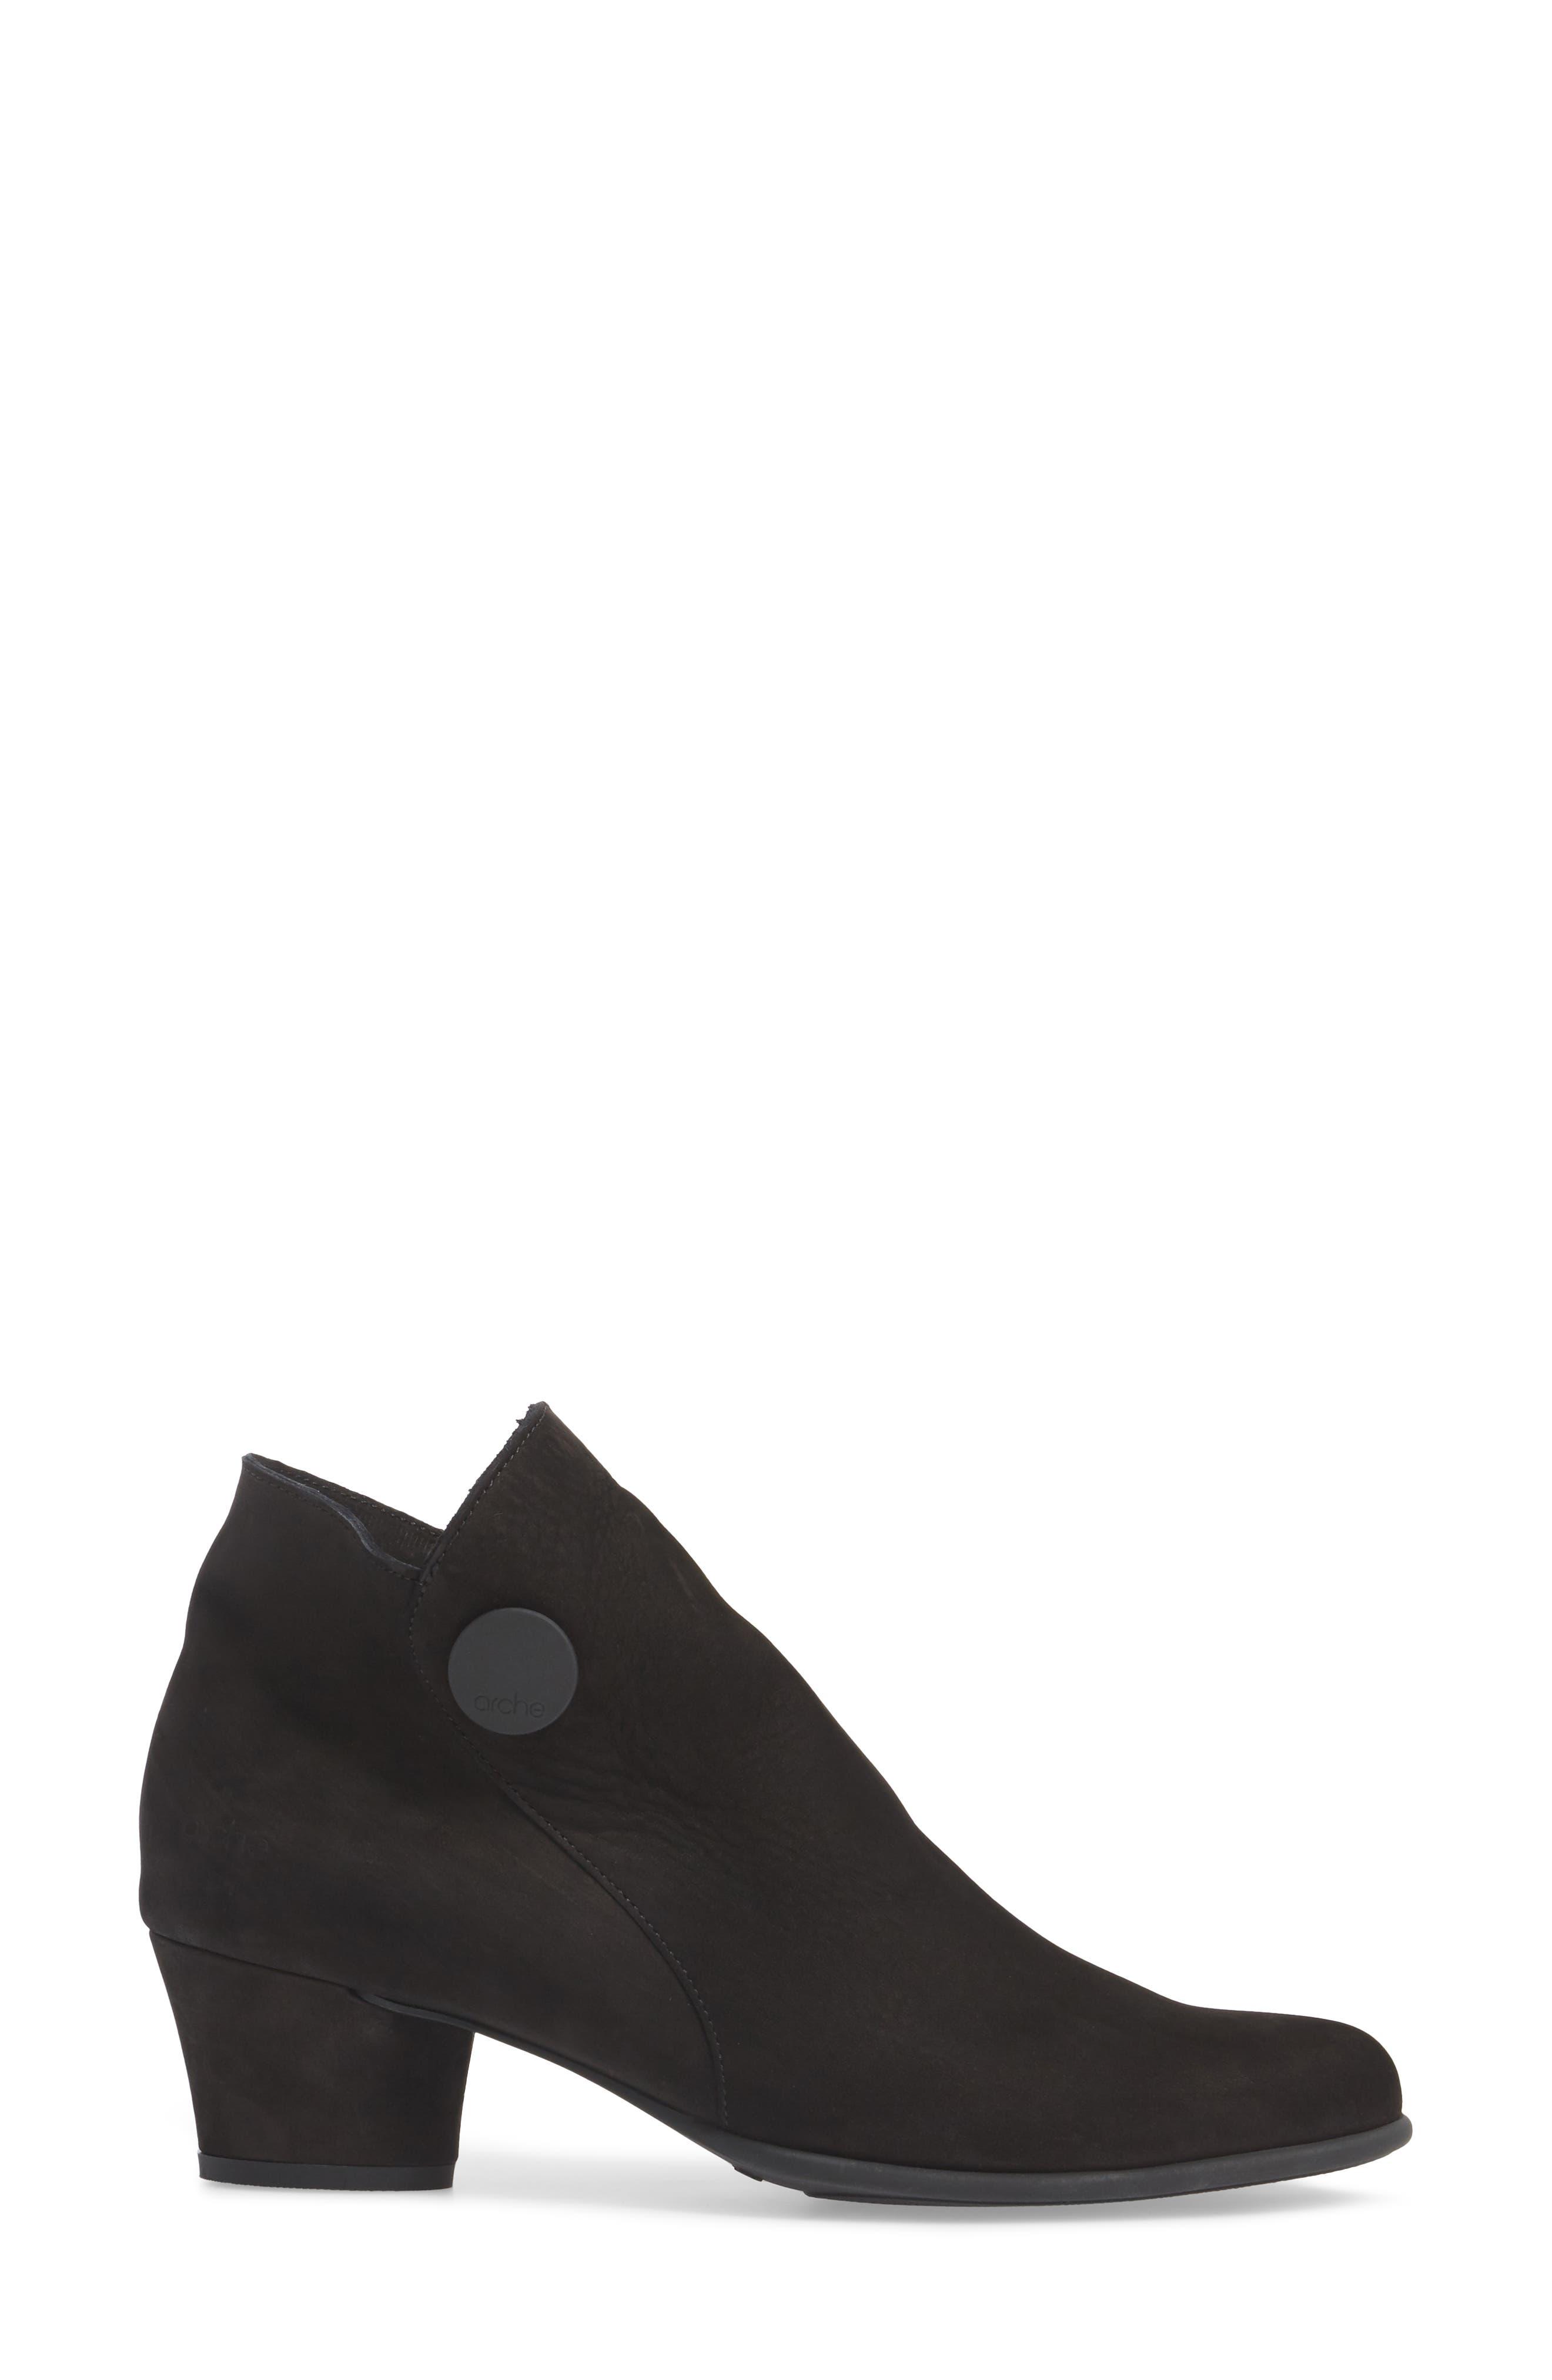 Mussem Water Resistant Bootie,                             Alternate thumbnail 3, color,                             Noir Nubuck Leather